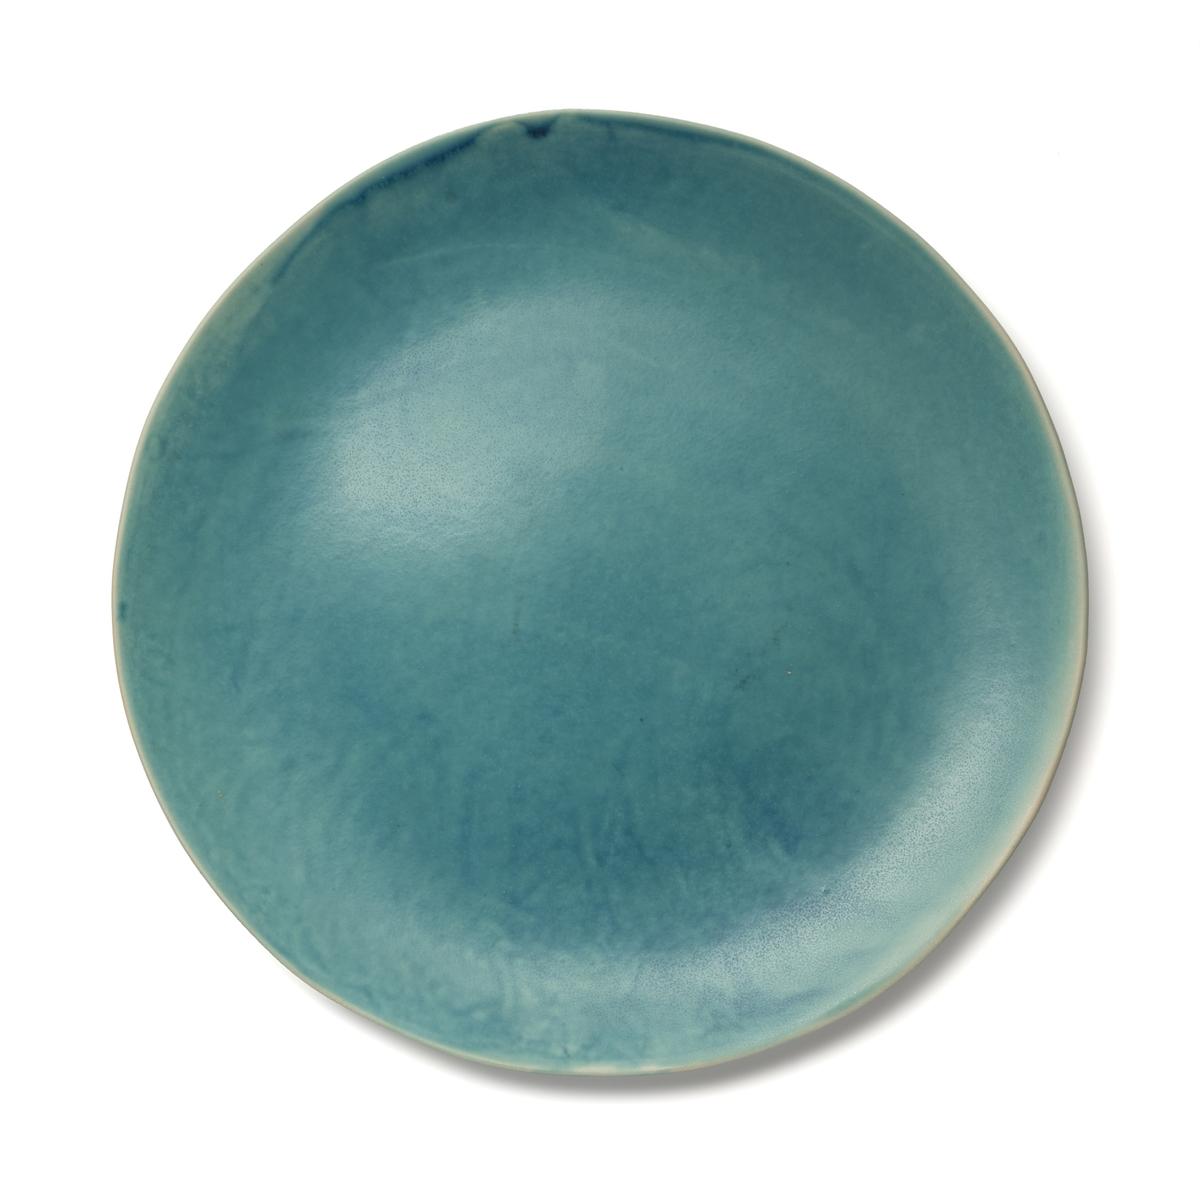 Тарелка La Redoute Десертная из керамики покрытой глазурью Akemi единый размер синий